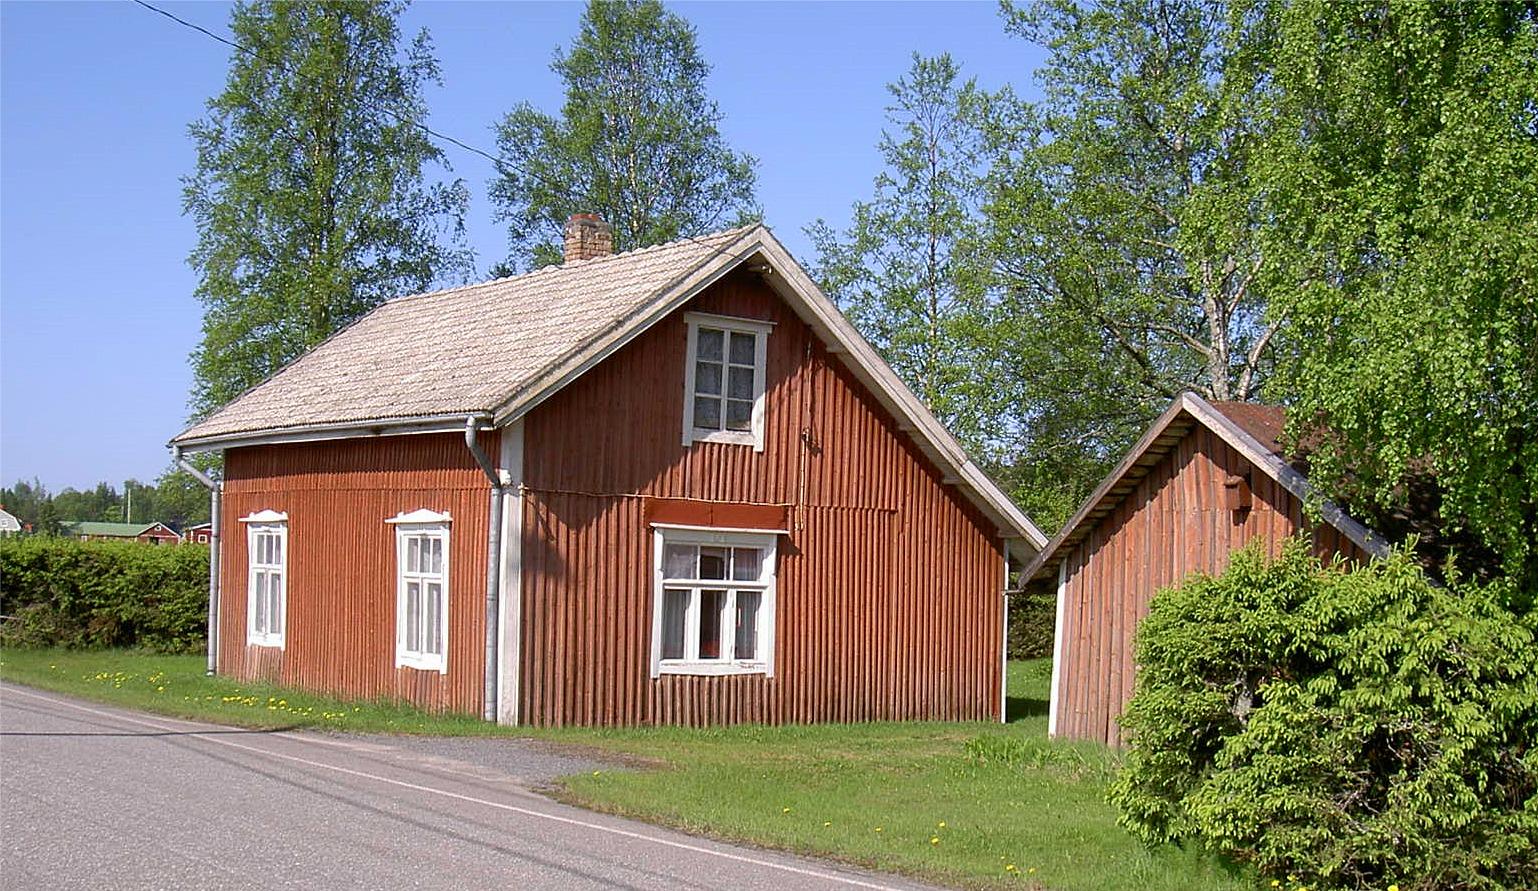 """Nils Klemets föräldrahem """"Skräddarinas"""" låg nära Åbackvägen. Nils var son till skräddaren Johannes Klemets (1889-1944) och Matilda (f. Björklund 1892-1975)."""